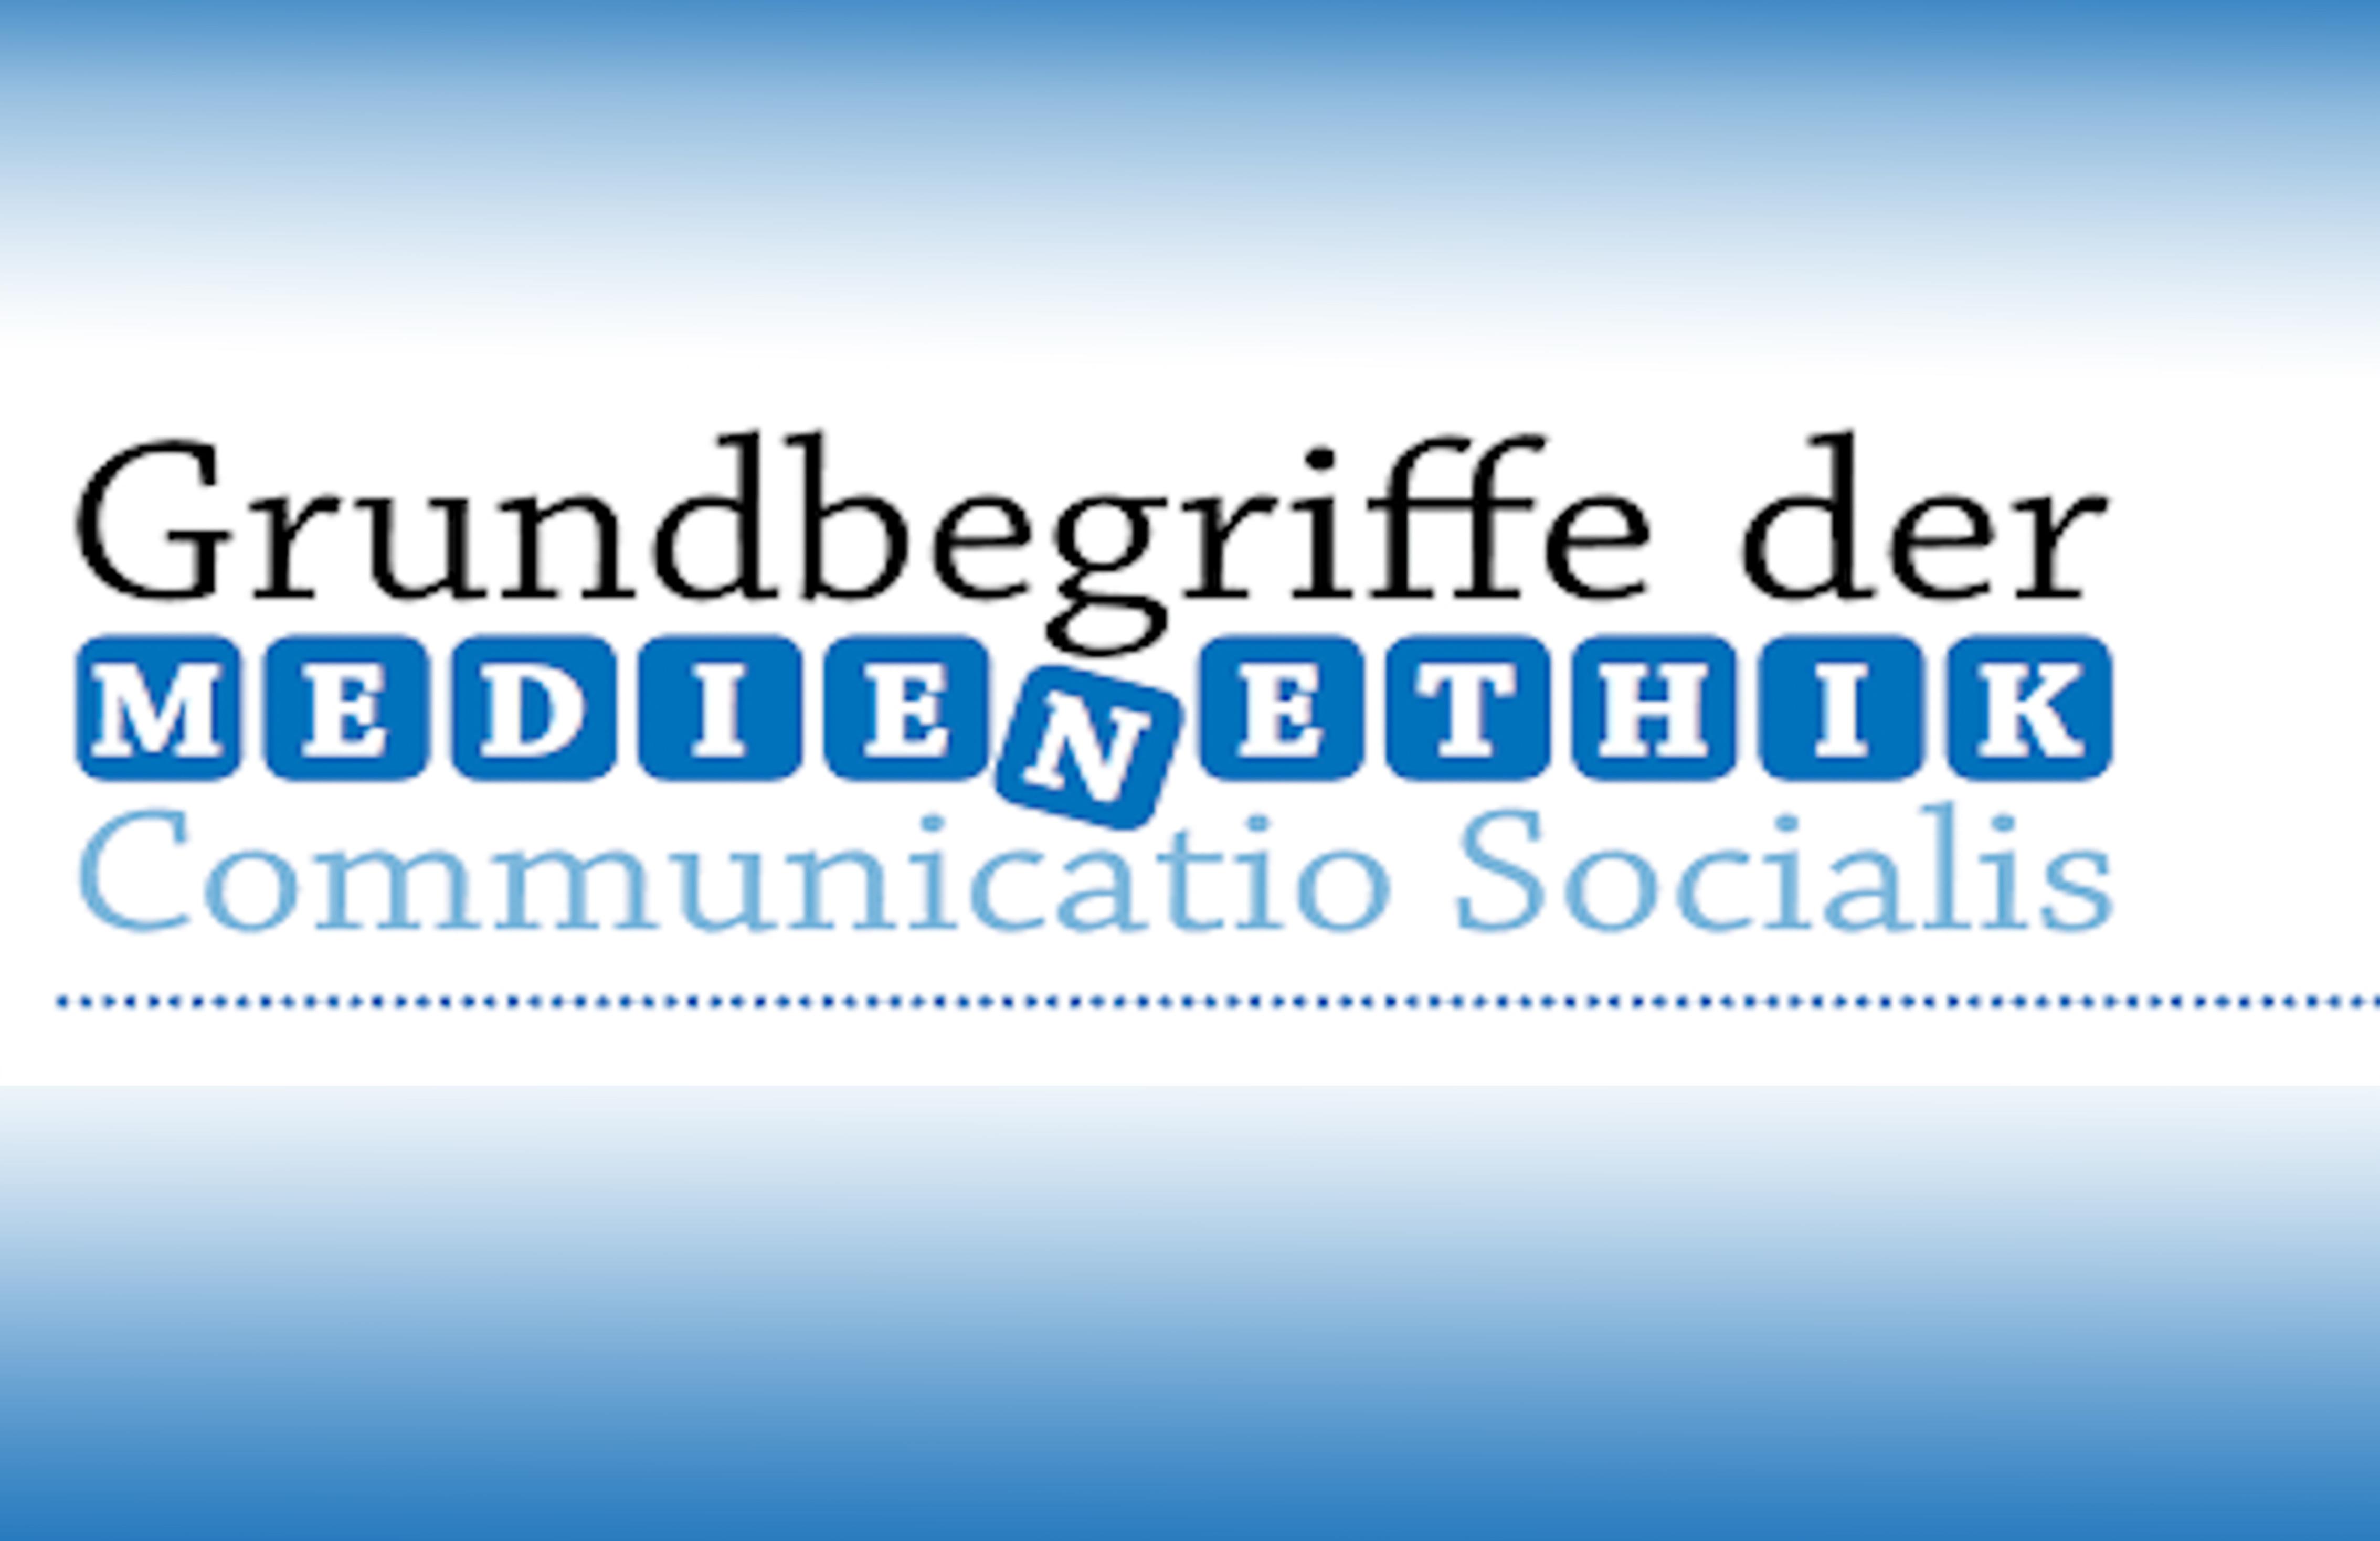 Grundbegriffe der Kommunikations- und Medienethik (Serie)